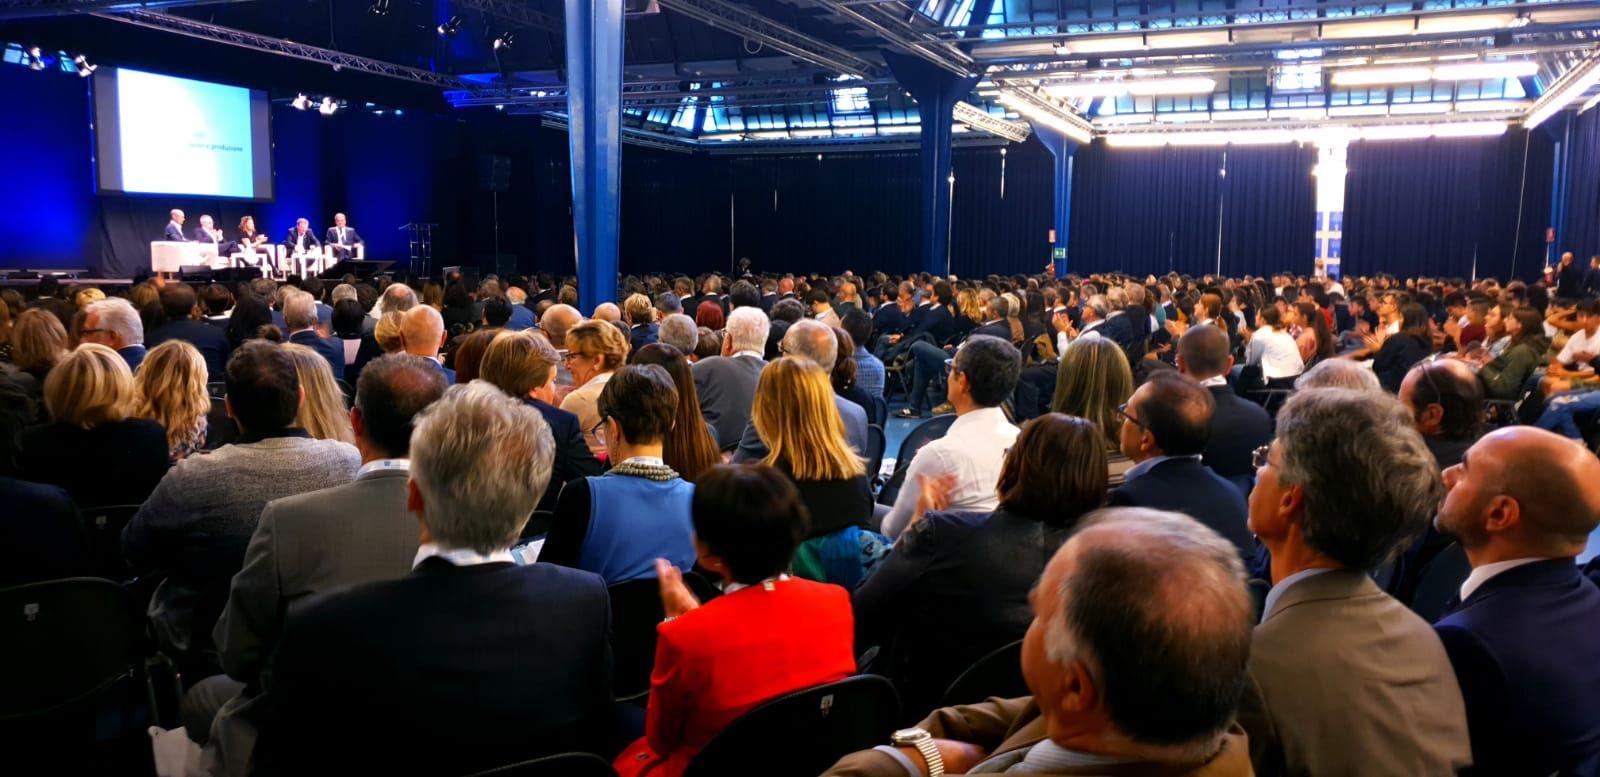 IVREA - «Il futuro che non ti aspetti» nell'agenda di Confindustria - FOTO